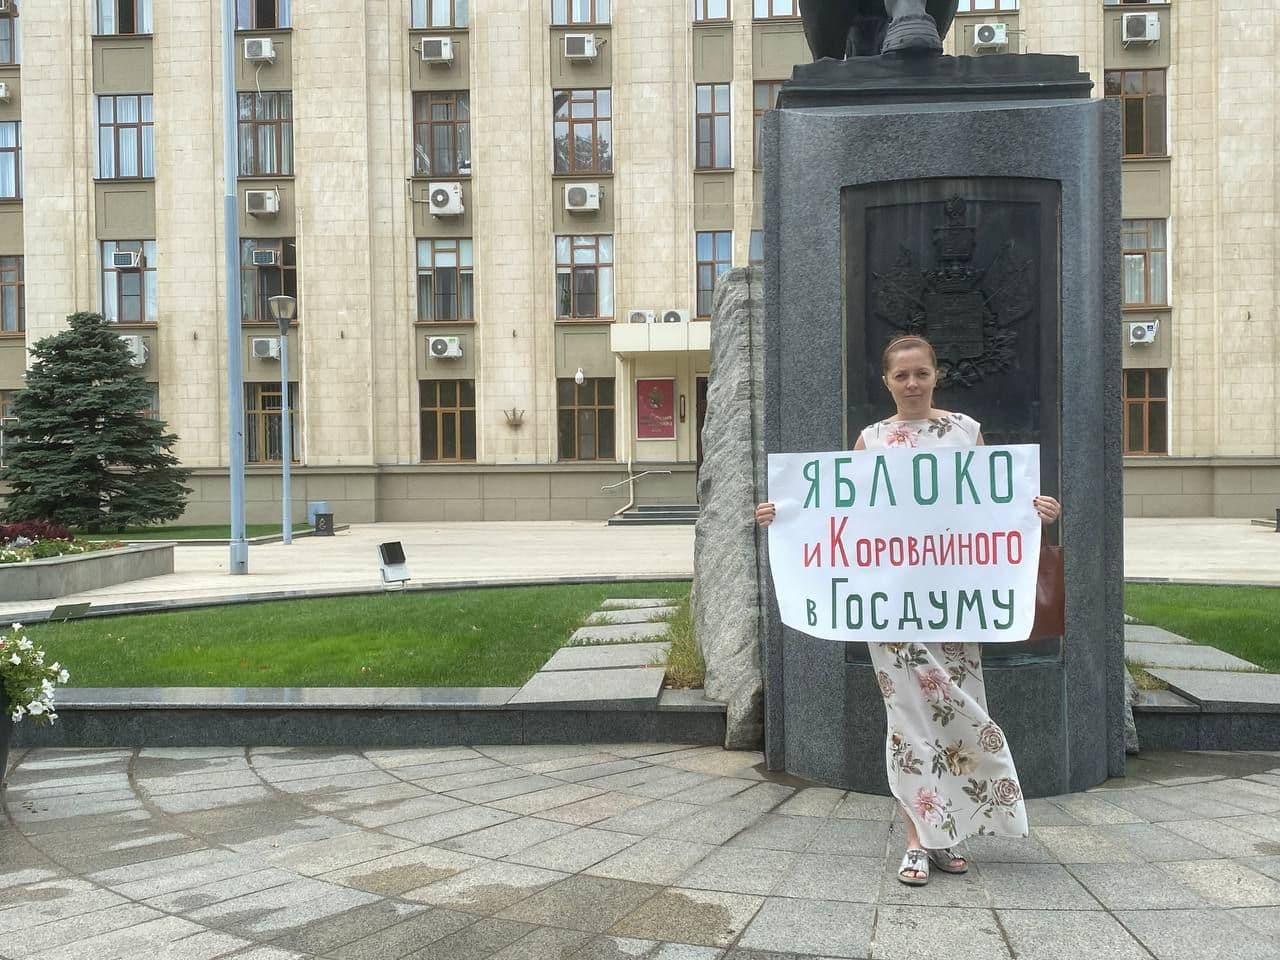 Пикет Яны Антоновой в поддержку «Яблока». Фото: Яна Антонова